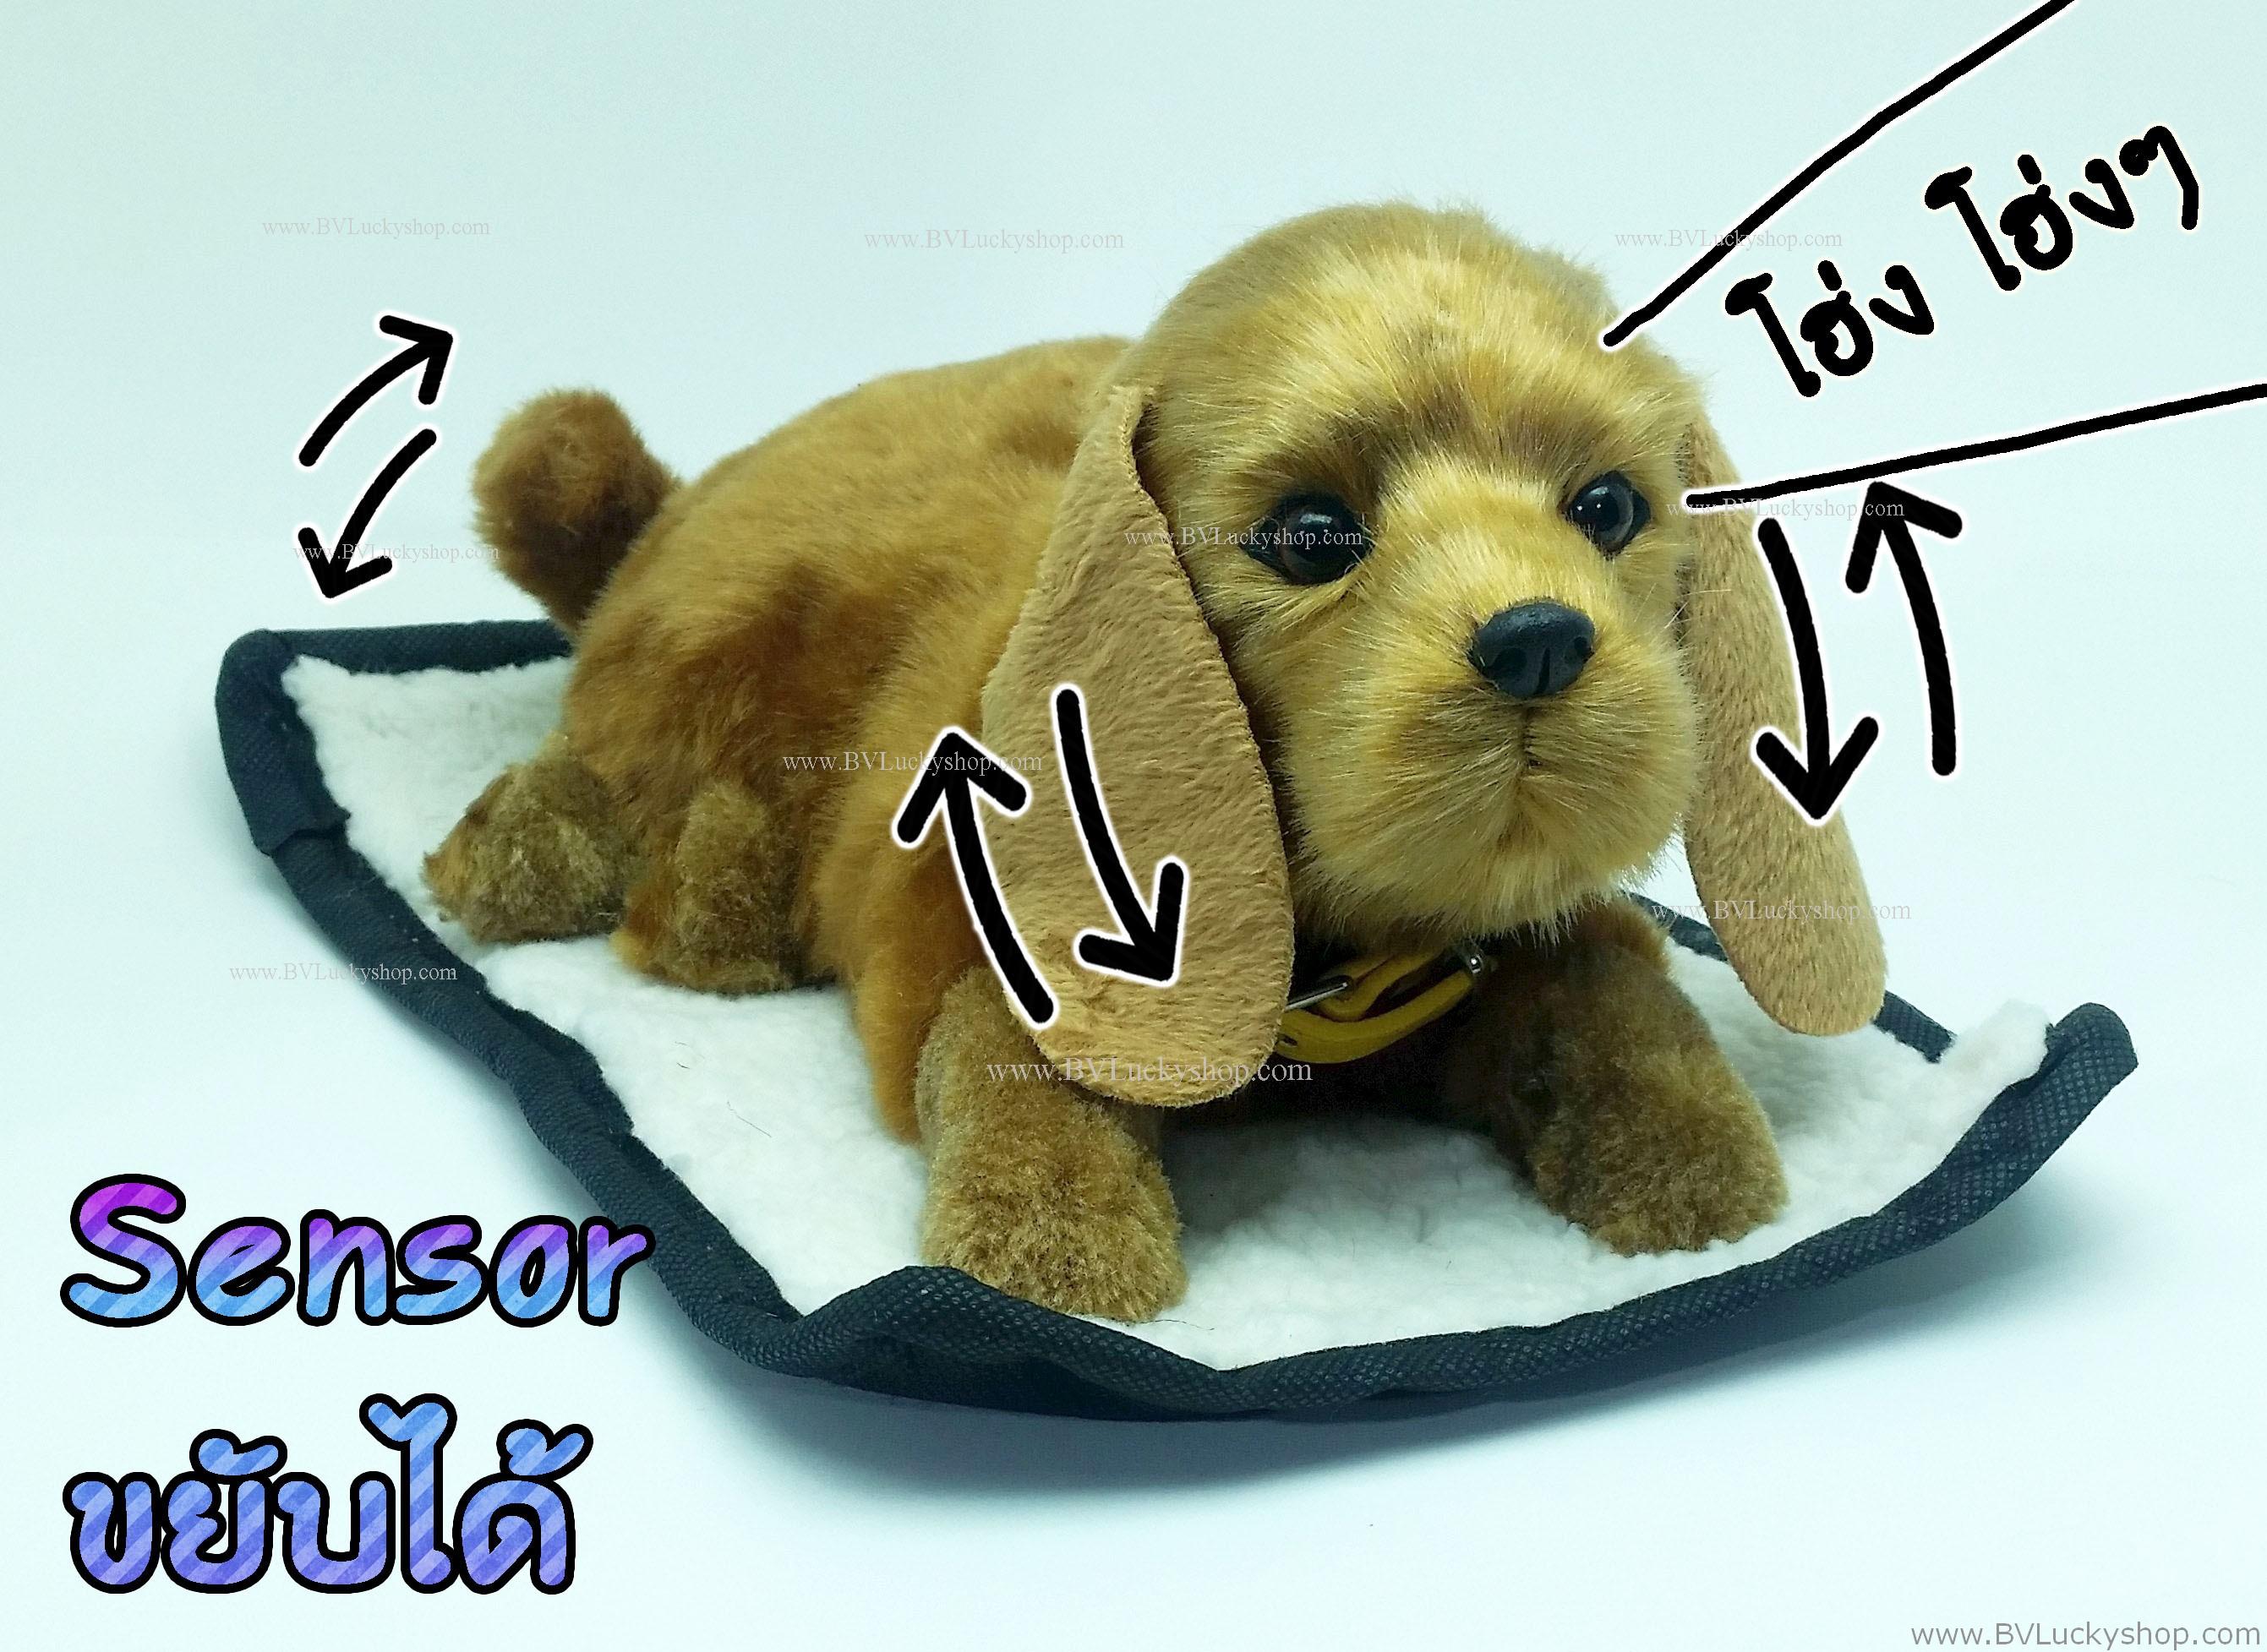 ตุ๊กตาหมา เซ็นเซอร์จับมือผ่าน แล้วส่วนหัวและหางจะเคลื่อนไหว และมีเสียงเห่าด้วย [Dog-SS3]